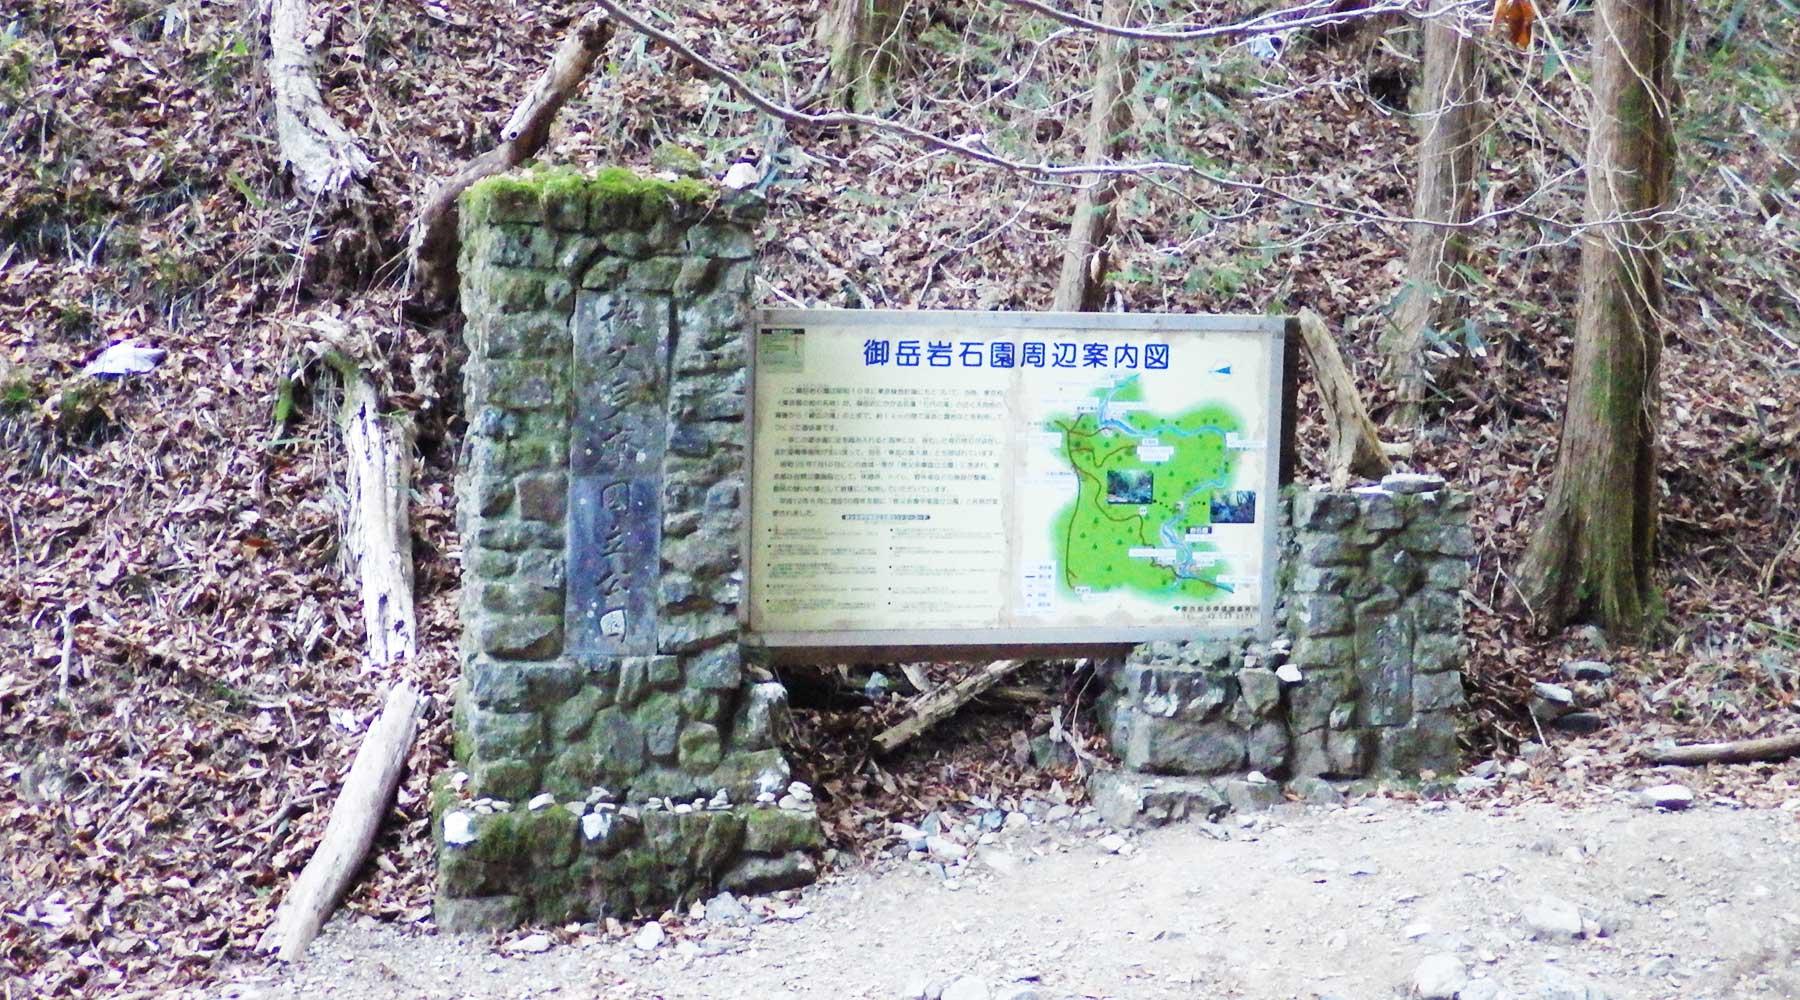 御岳山岩石園ロックガーデンの案内図